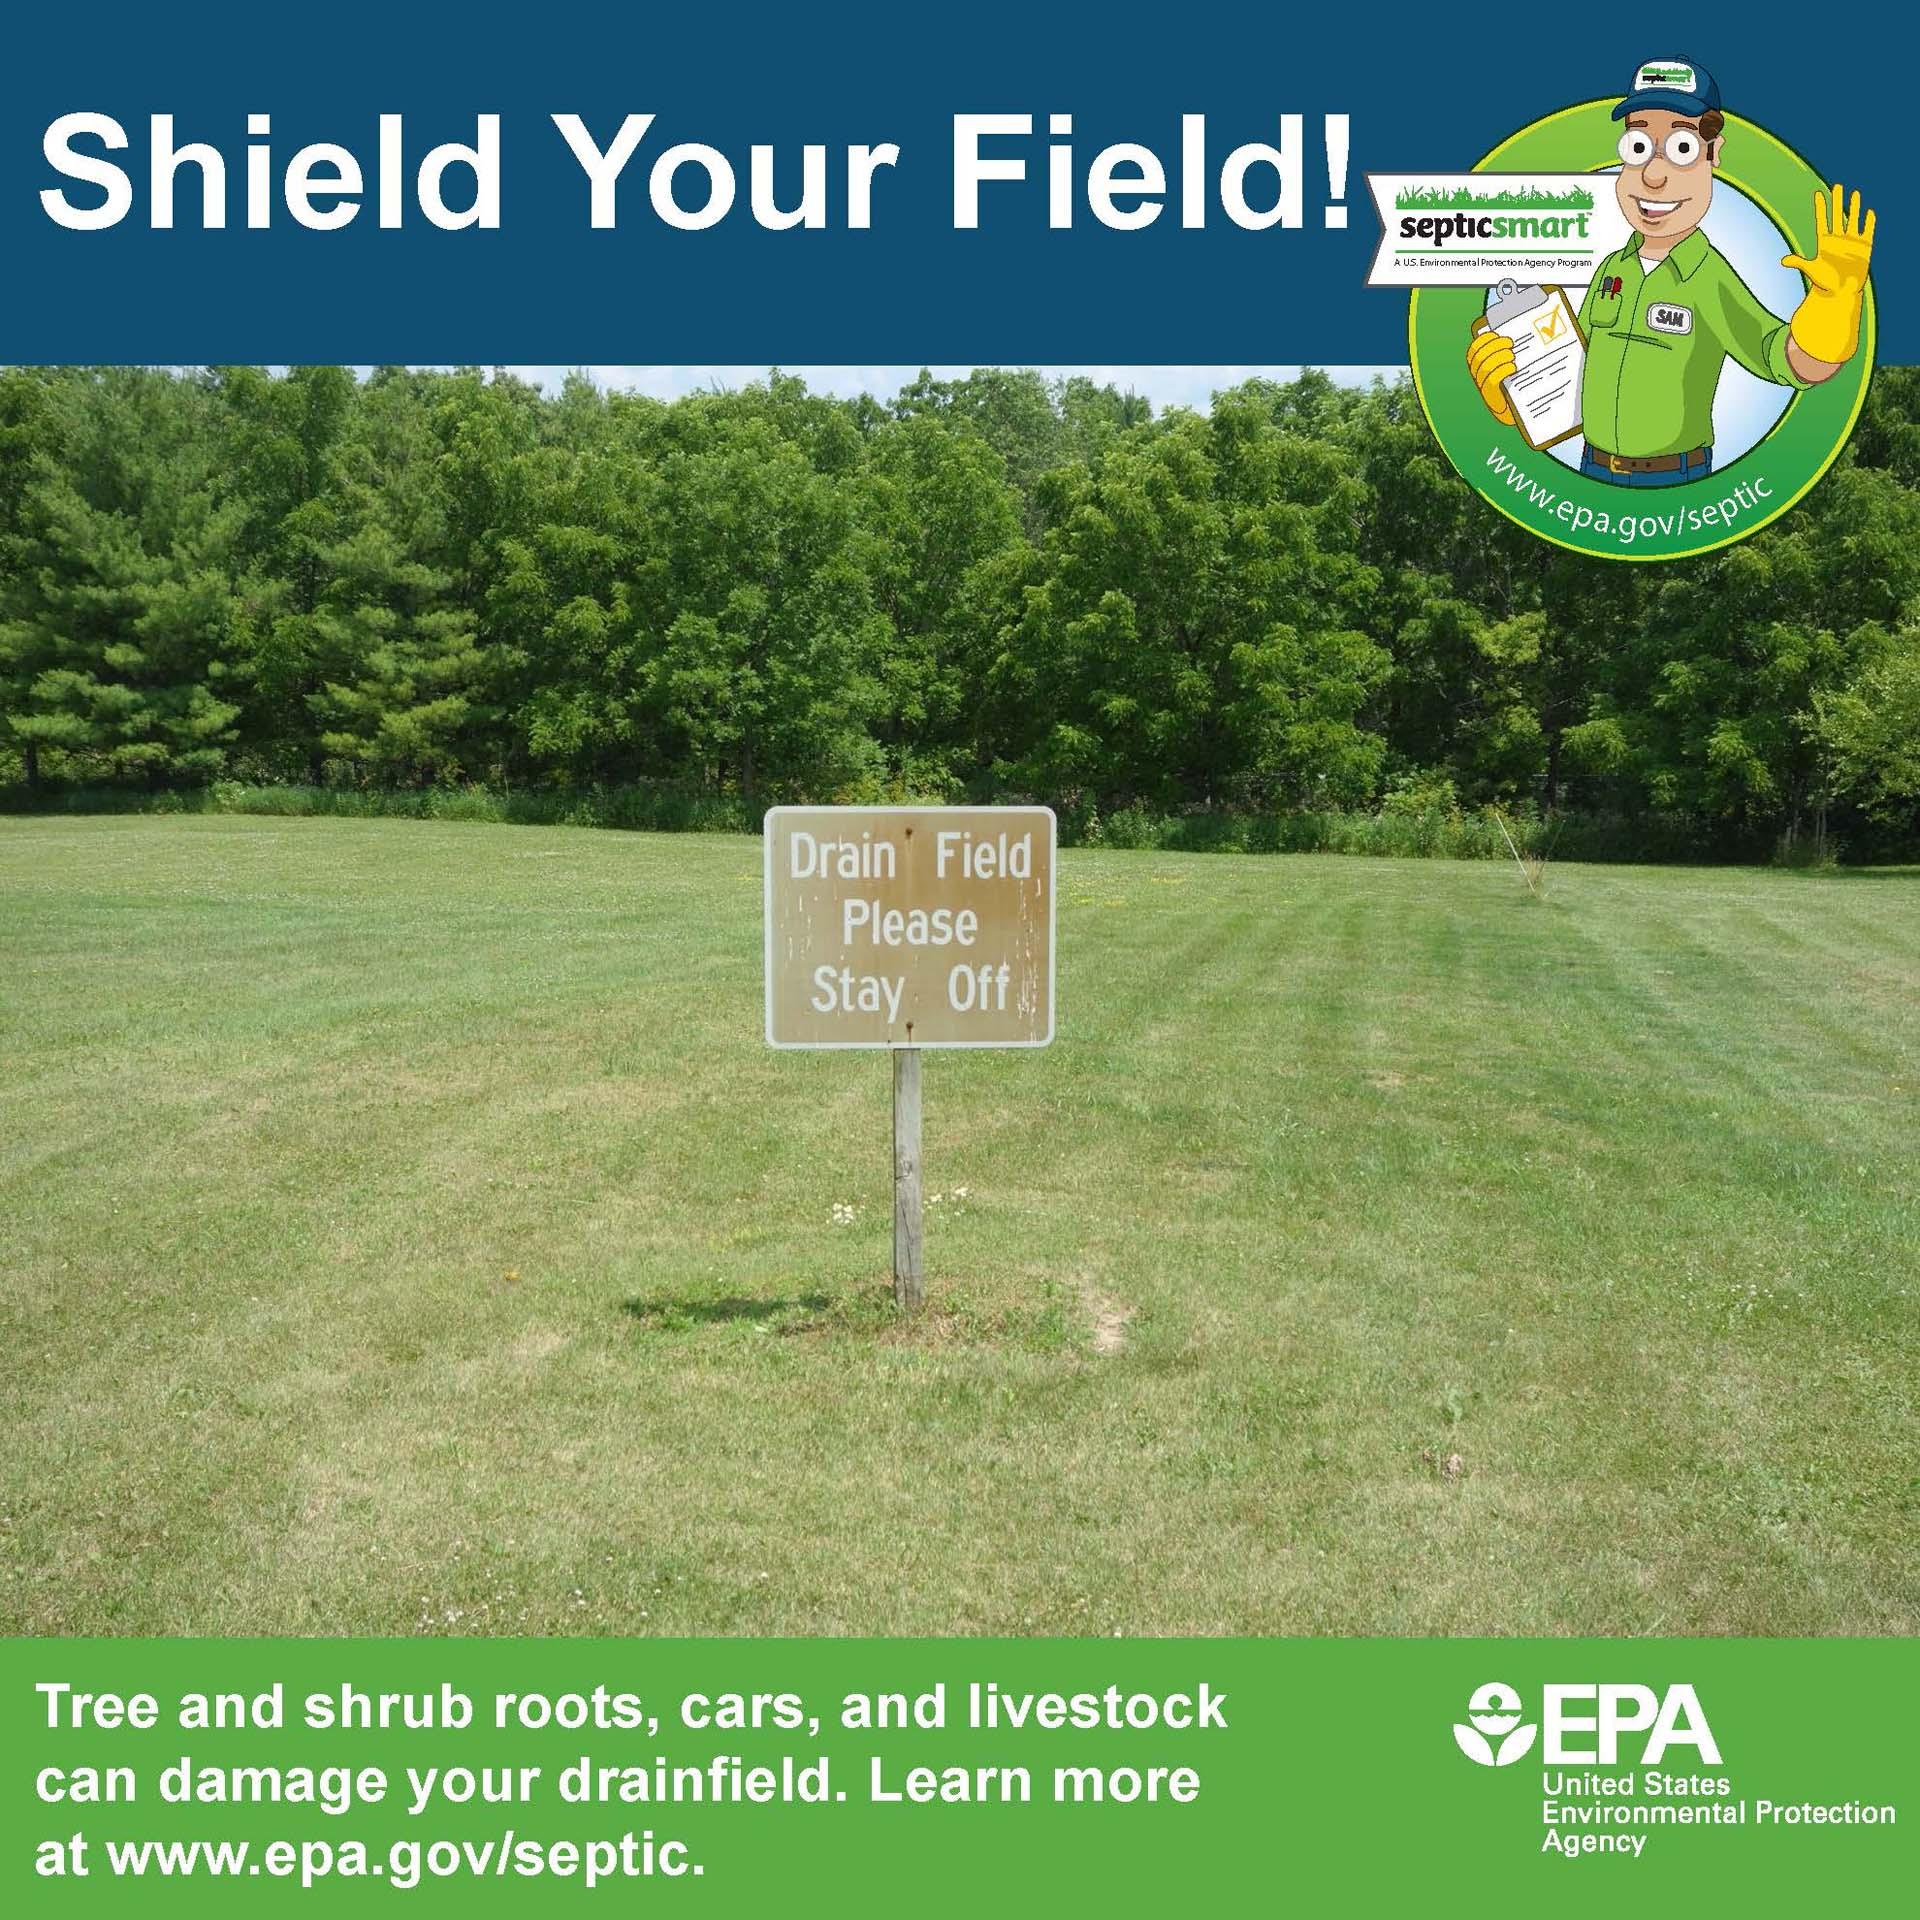 sheild your field 2018 2